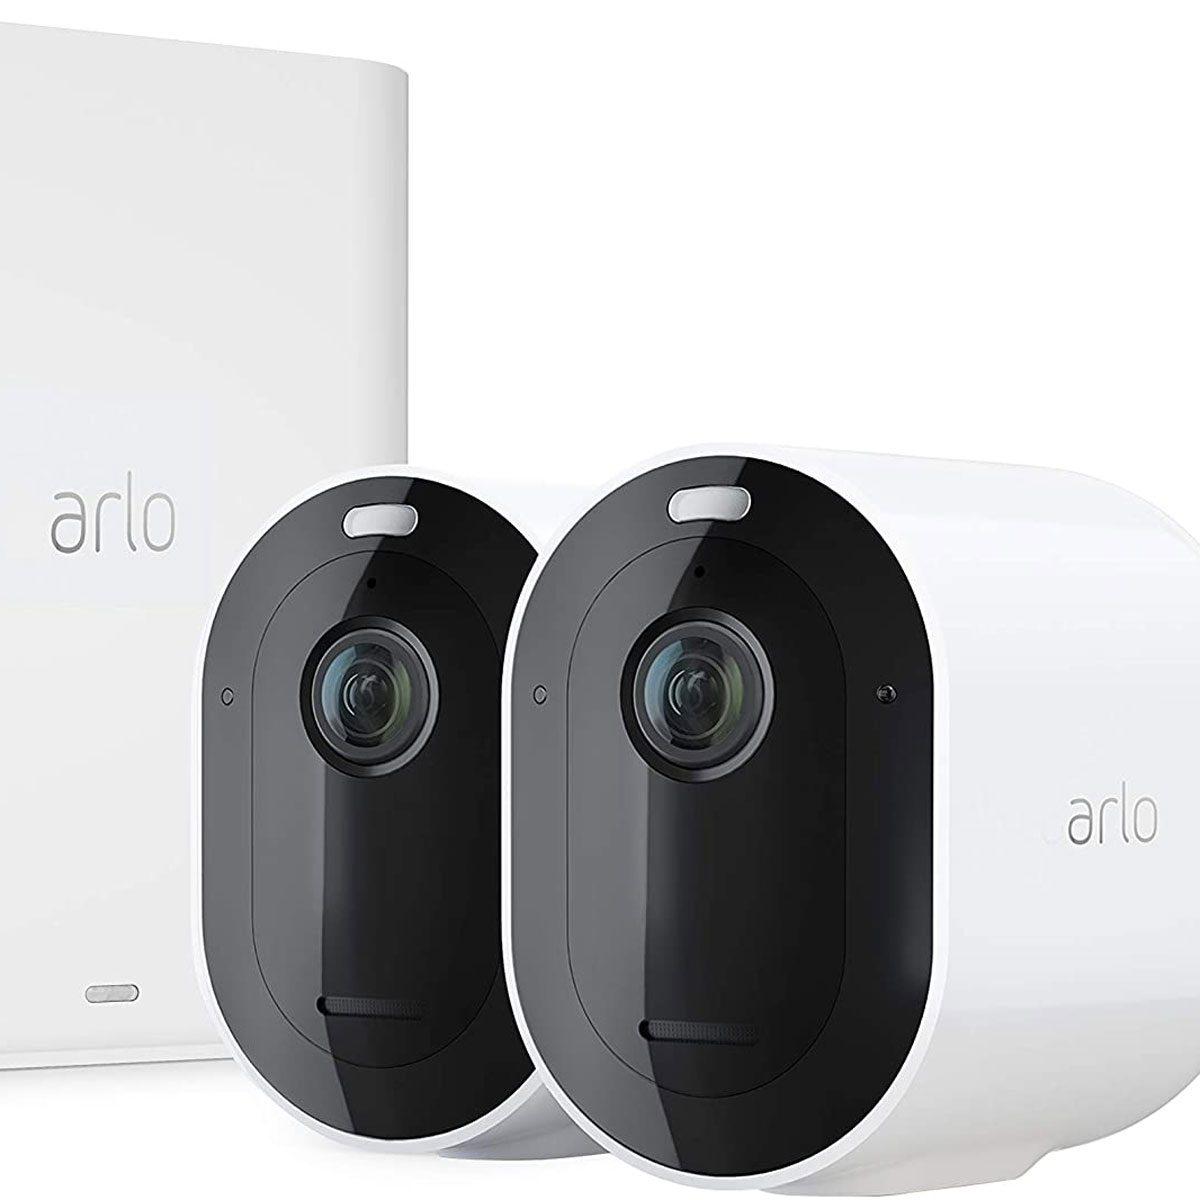 Arlo security cameras